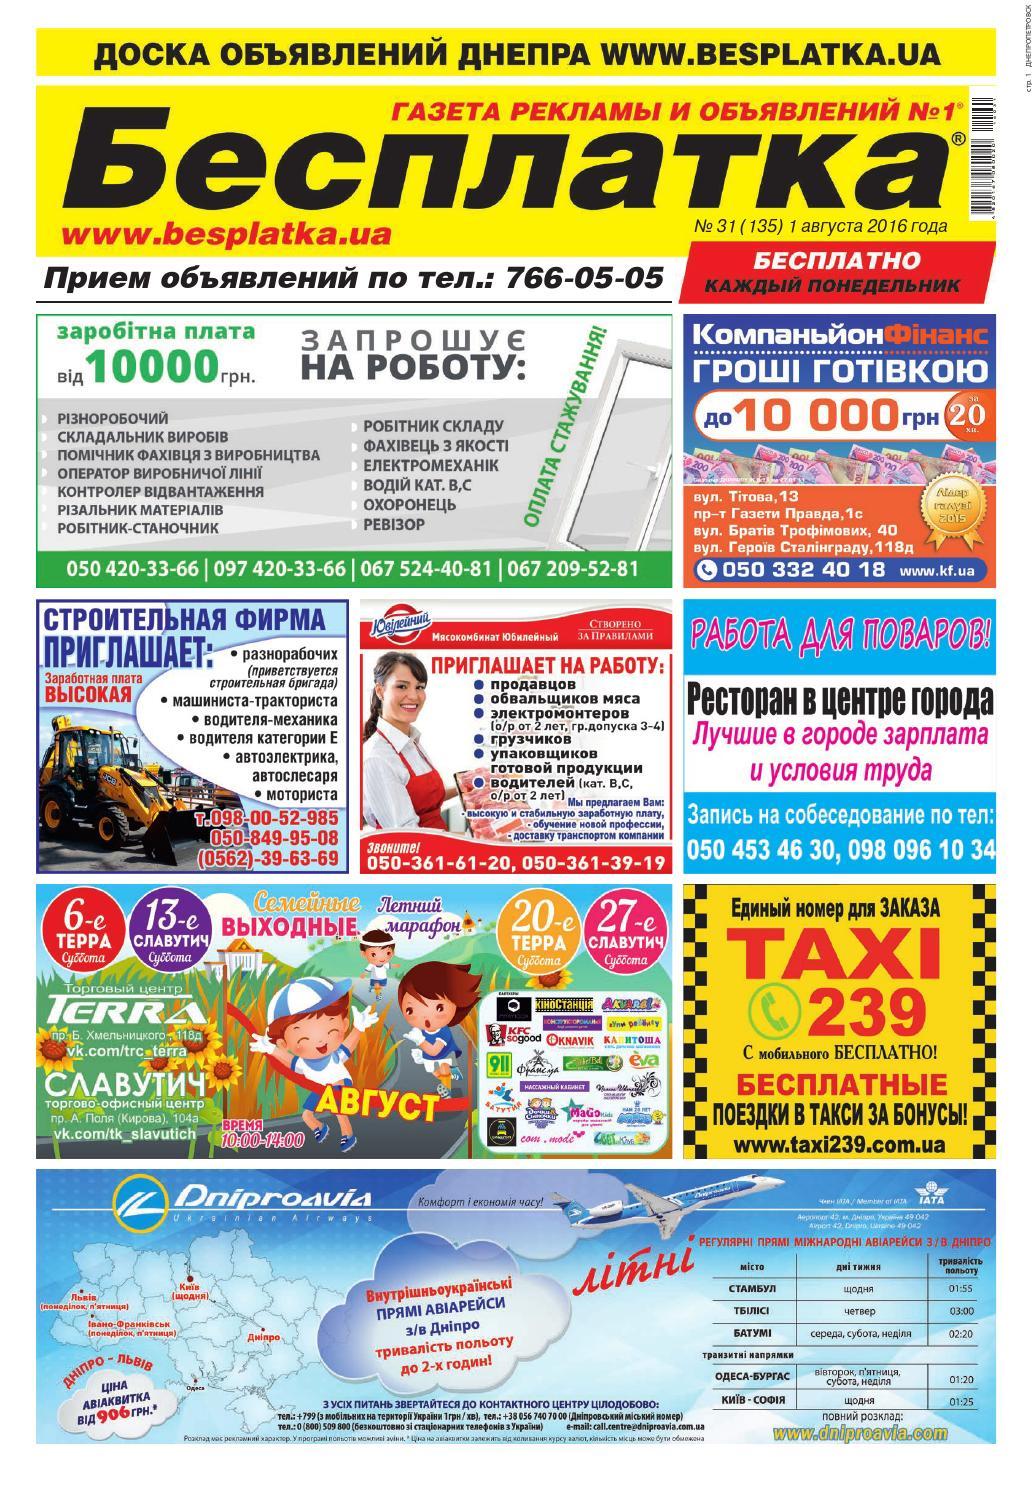 dcaf1569e50e3 Besplatka 031 dpr by besplatka ukraine - issuu